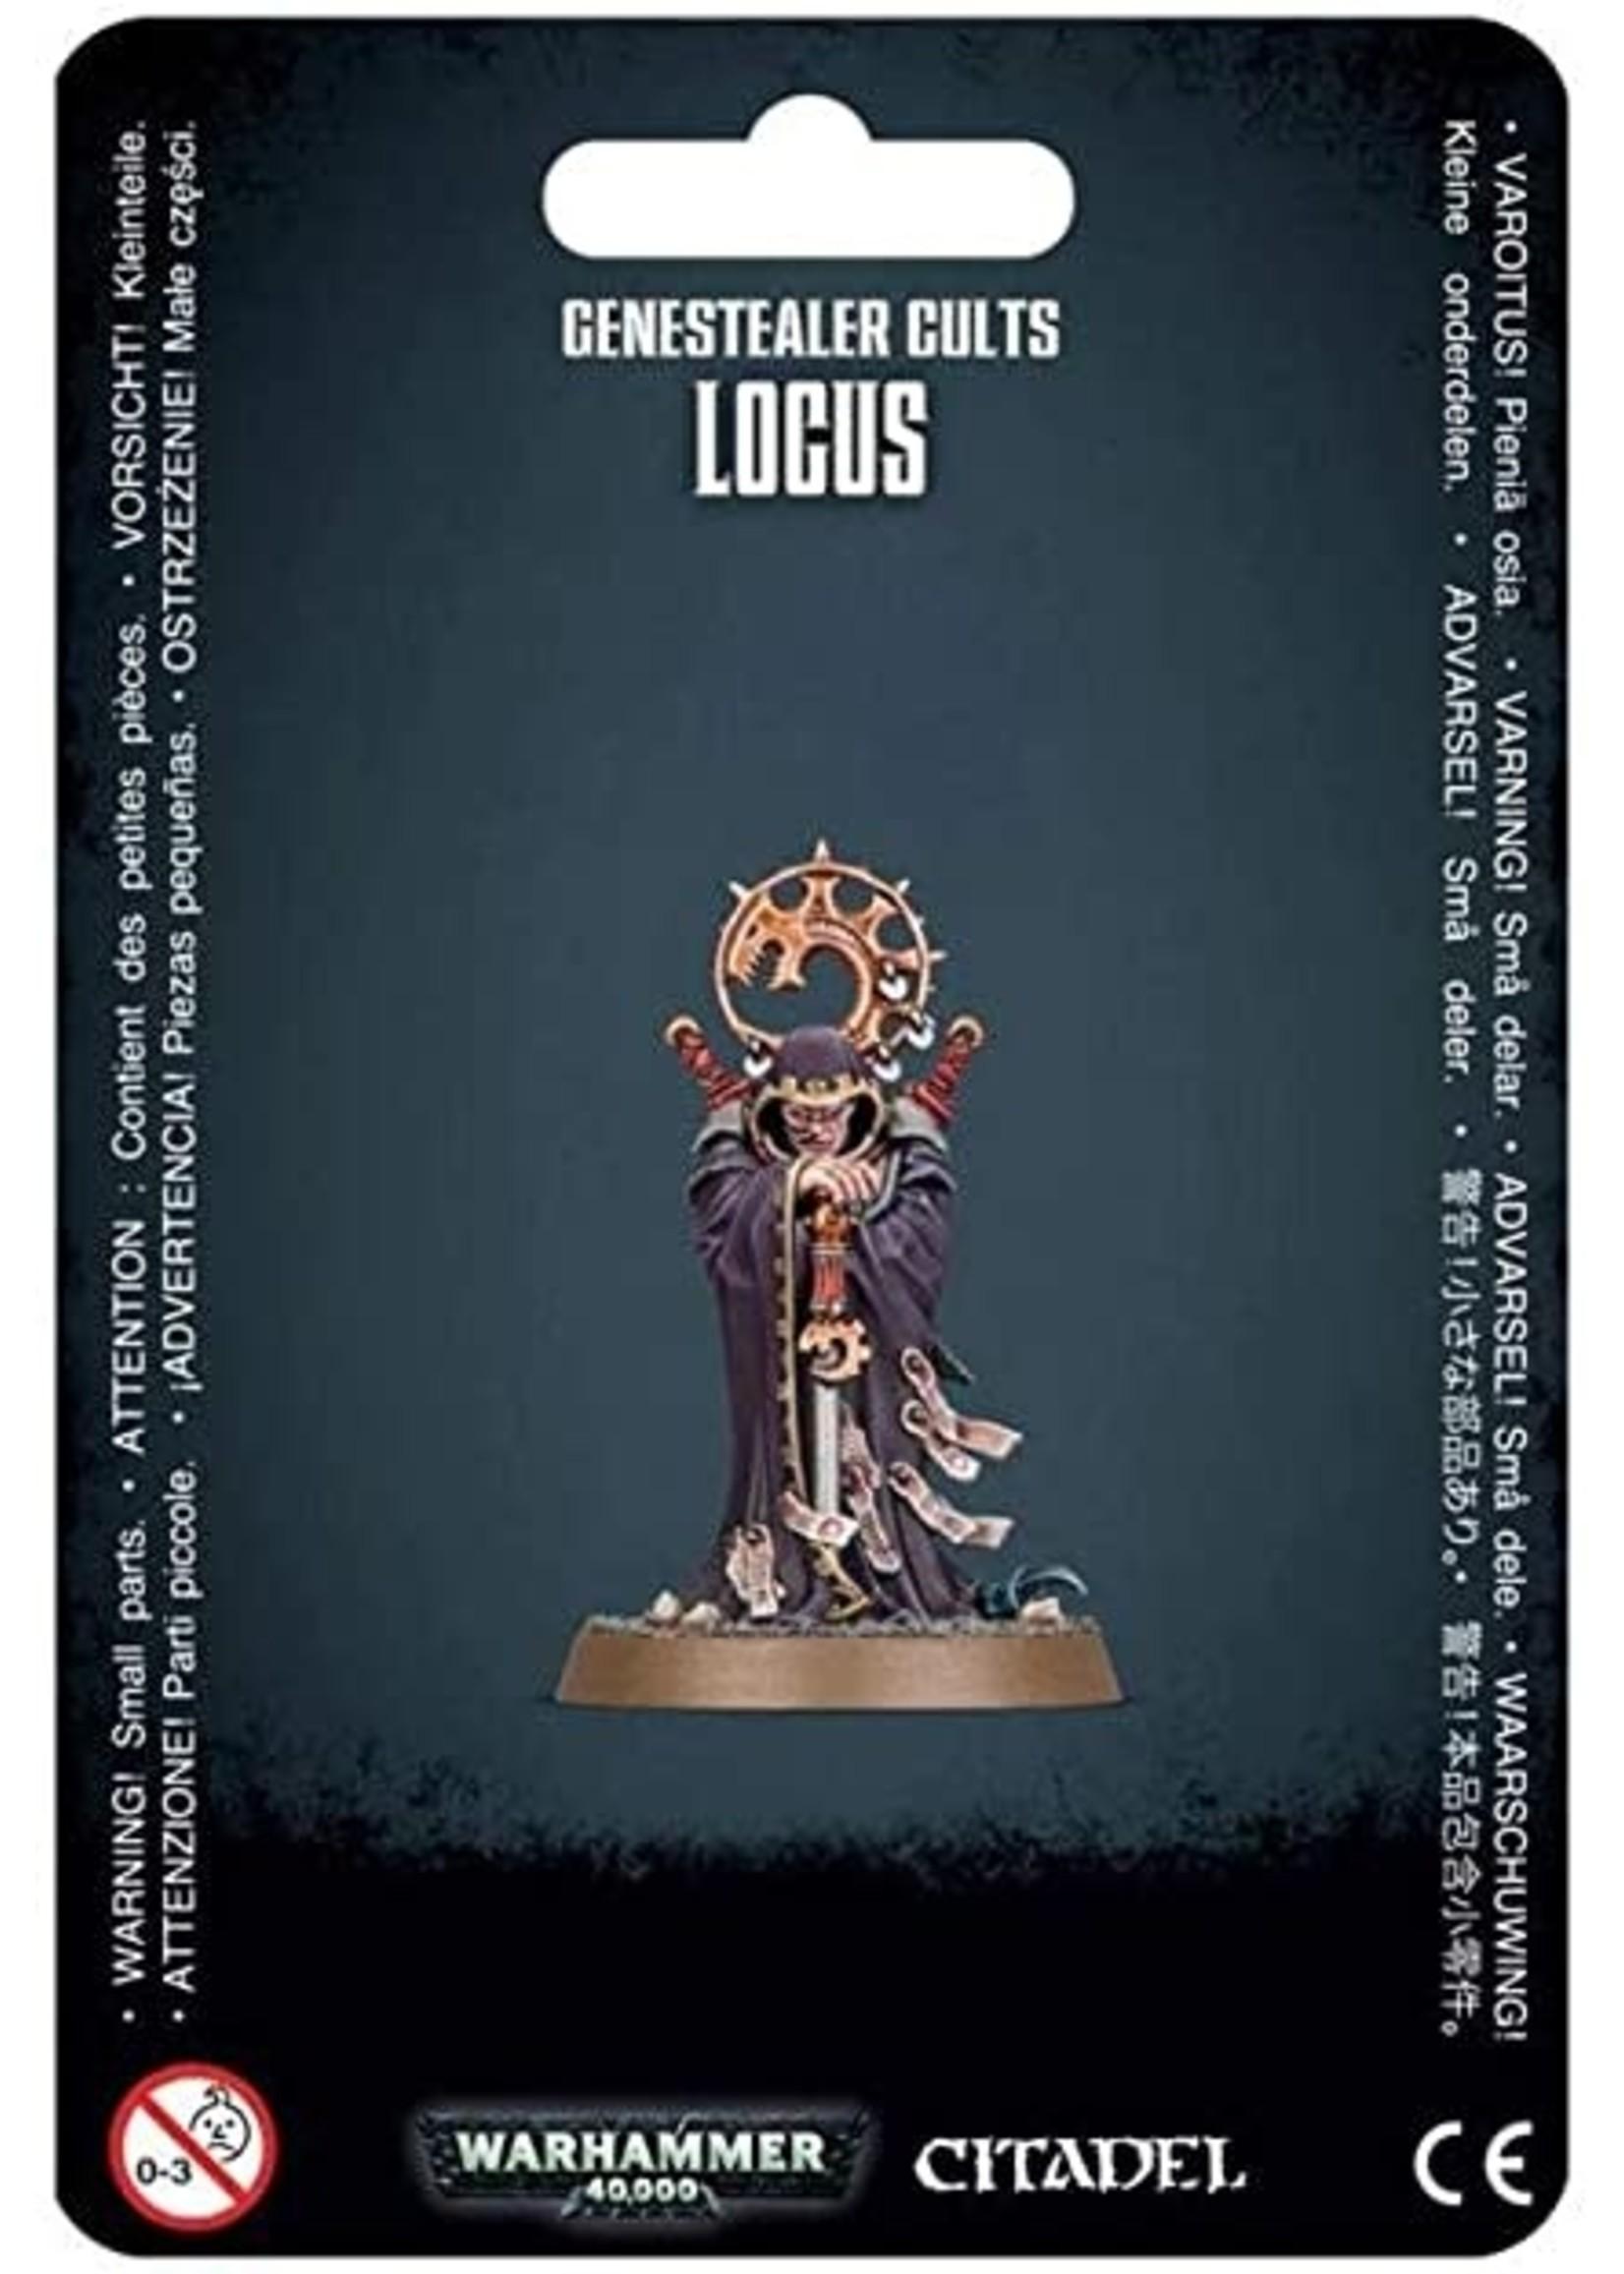 Genestealer Cults Locus (40K)